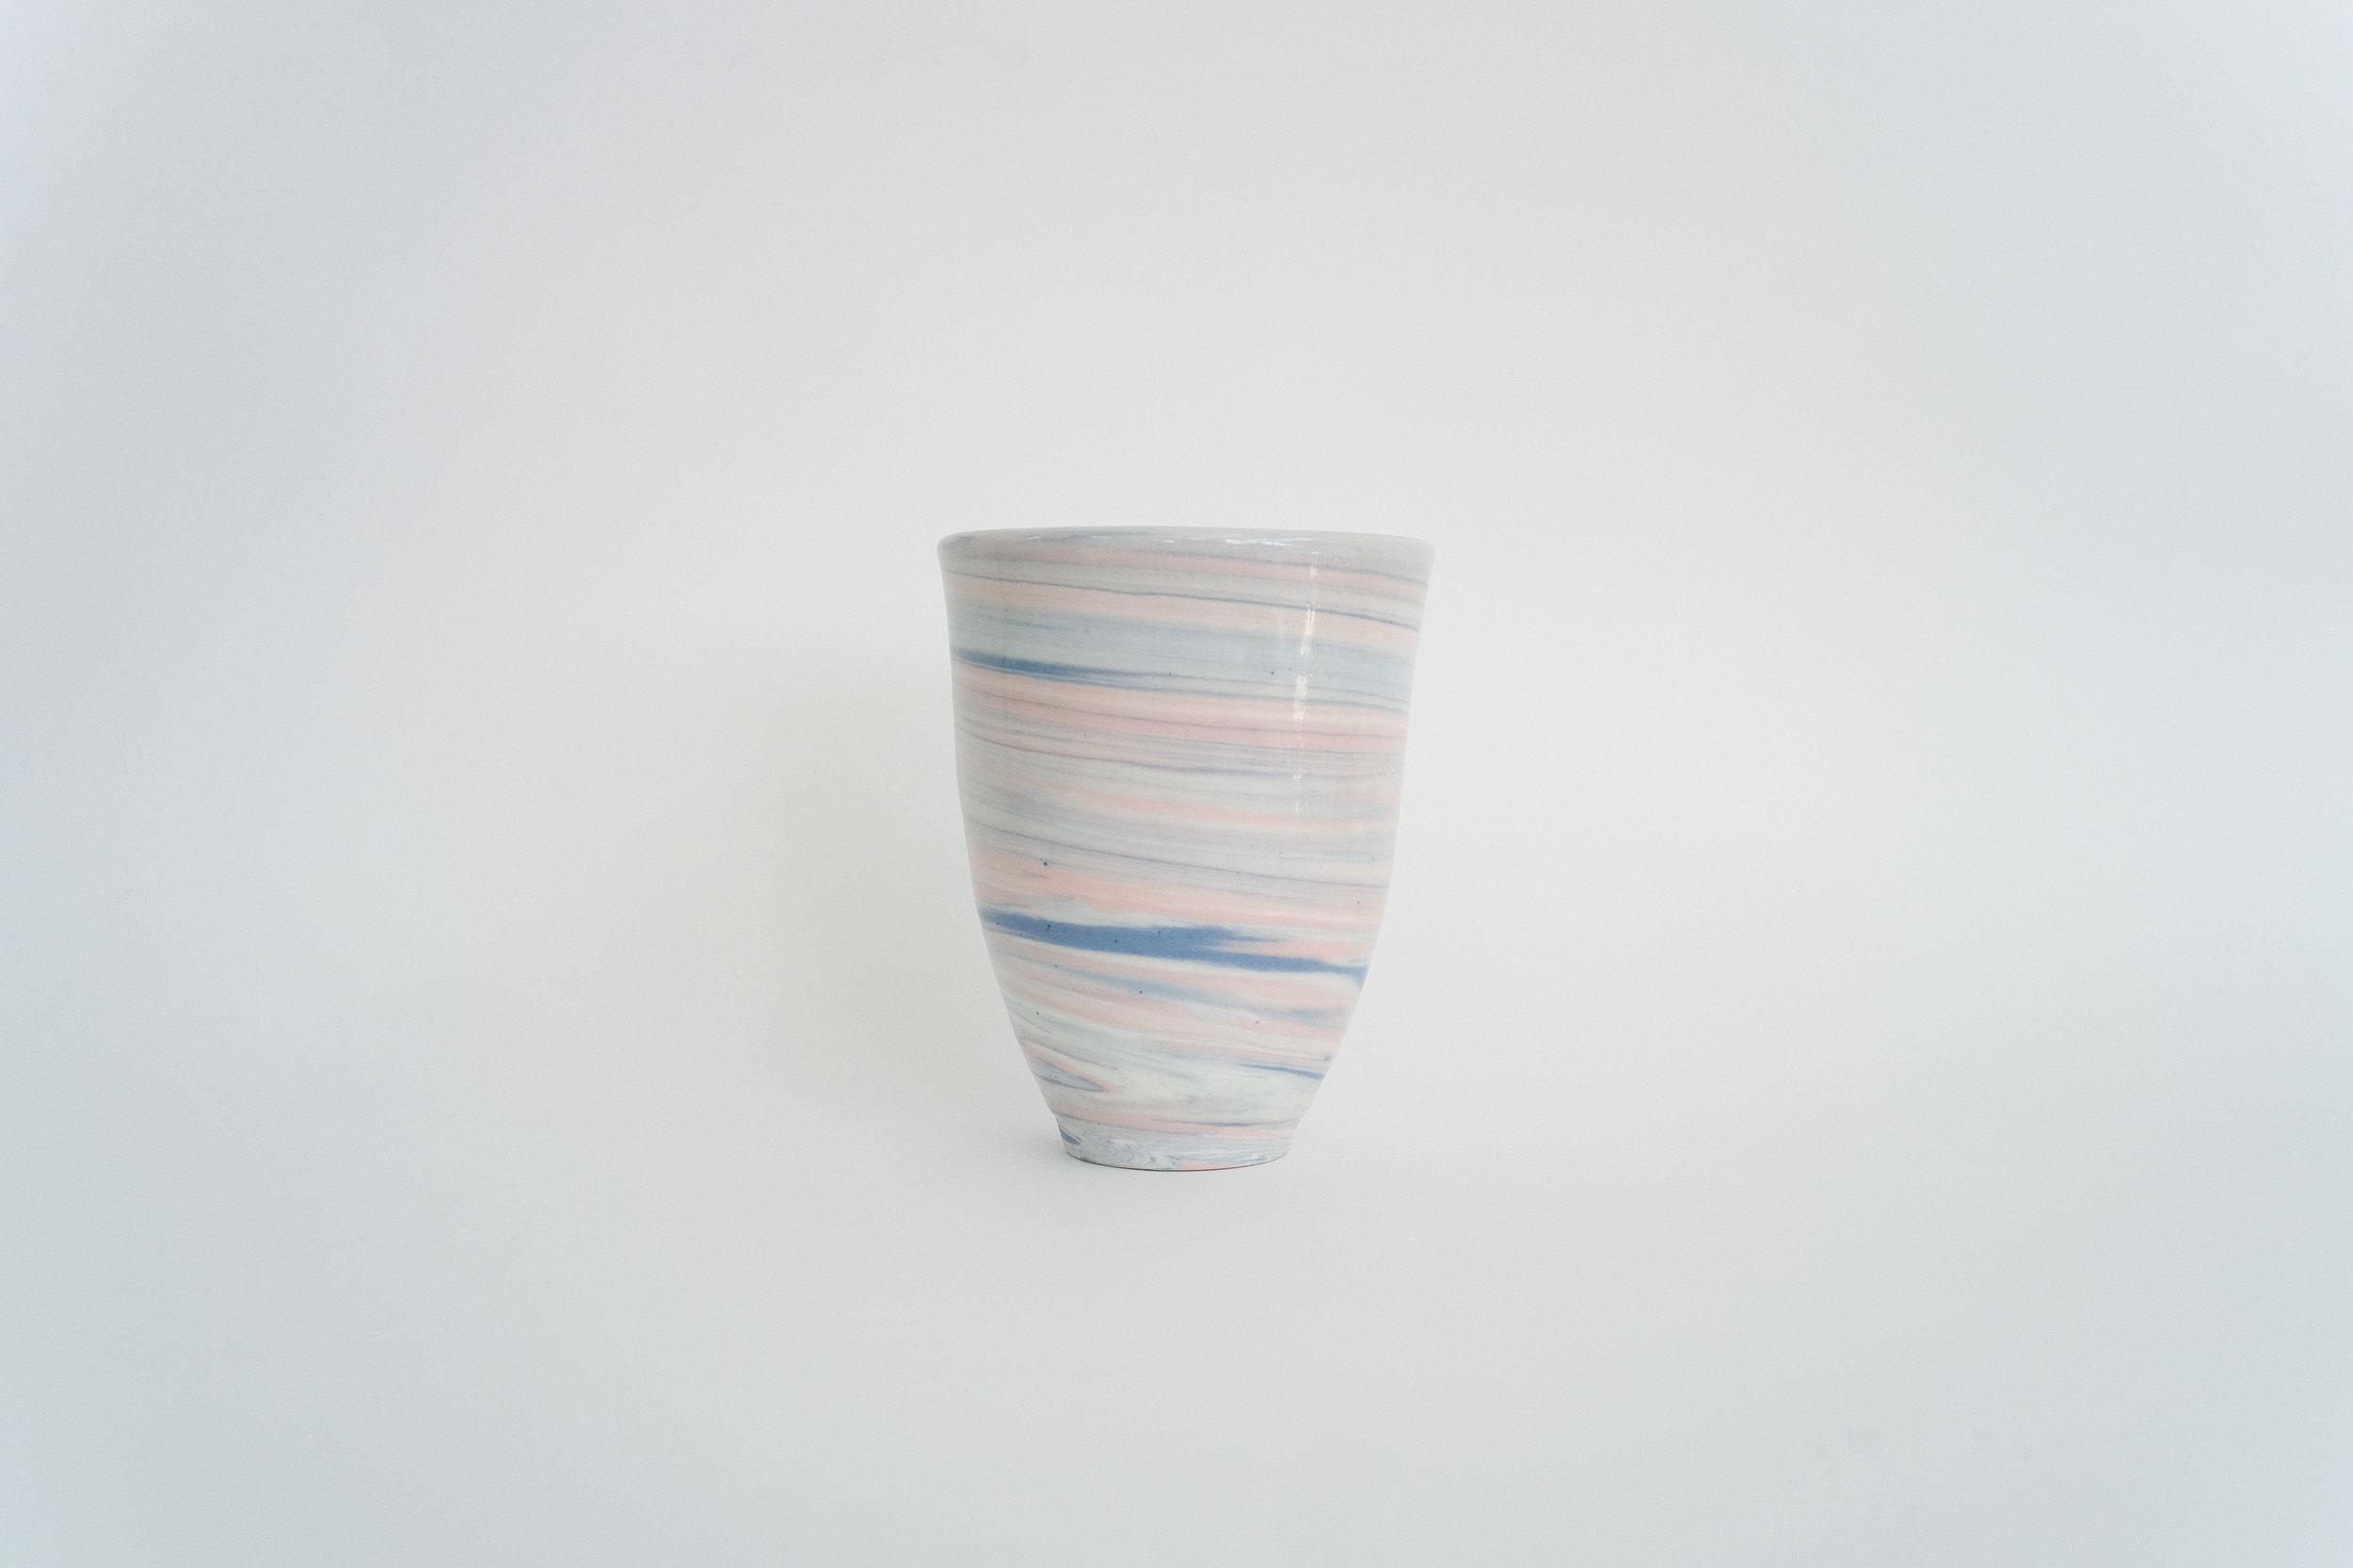 瓷泥杯 Porcelain 2016